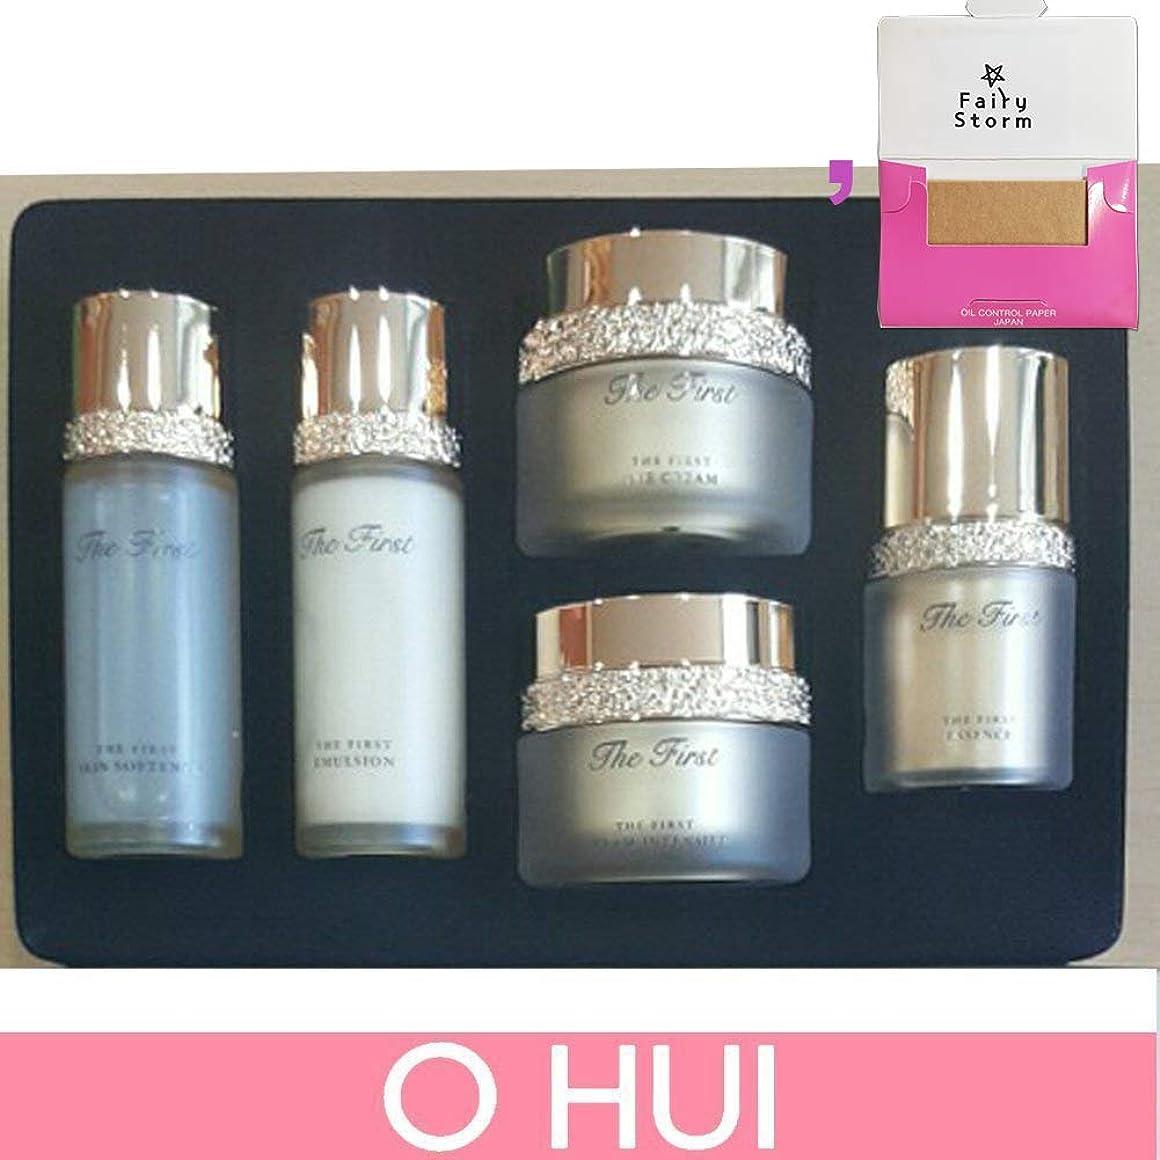 独裁もっと虫を数える[オフィ/O HUI]韓国化粧品 LG生活健康/OHUI the First Cell Revolution 5pcs Special Kit Set + [Sample Gift](海外直送品)